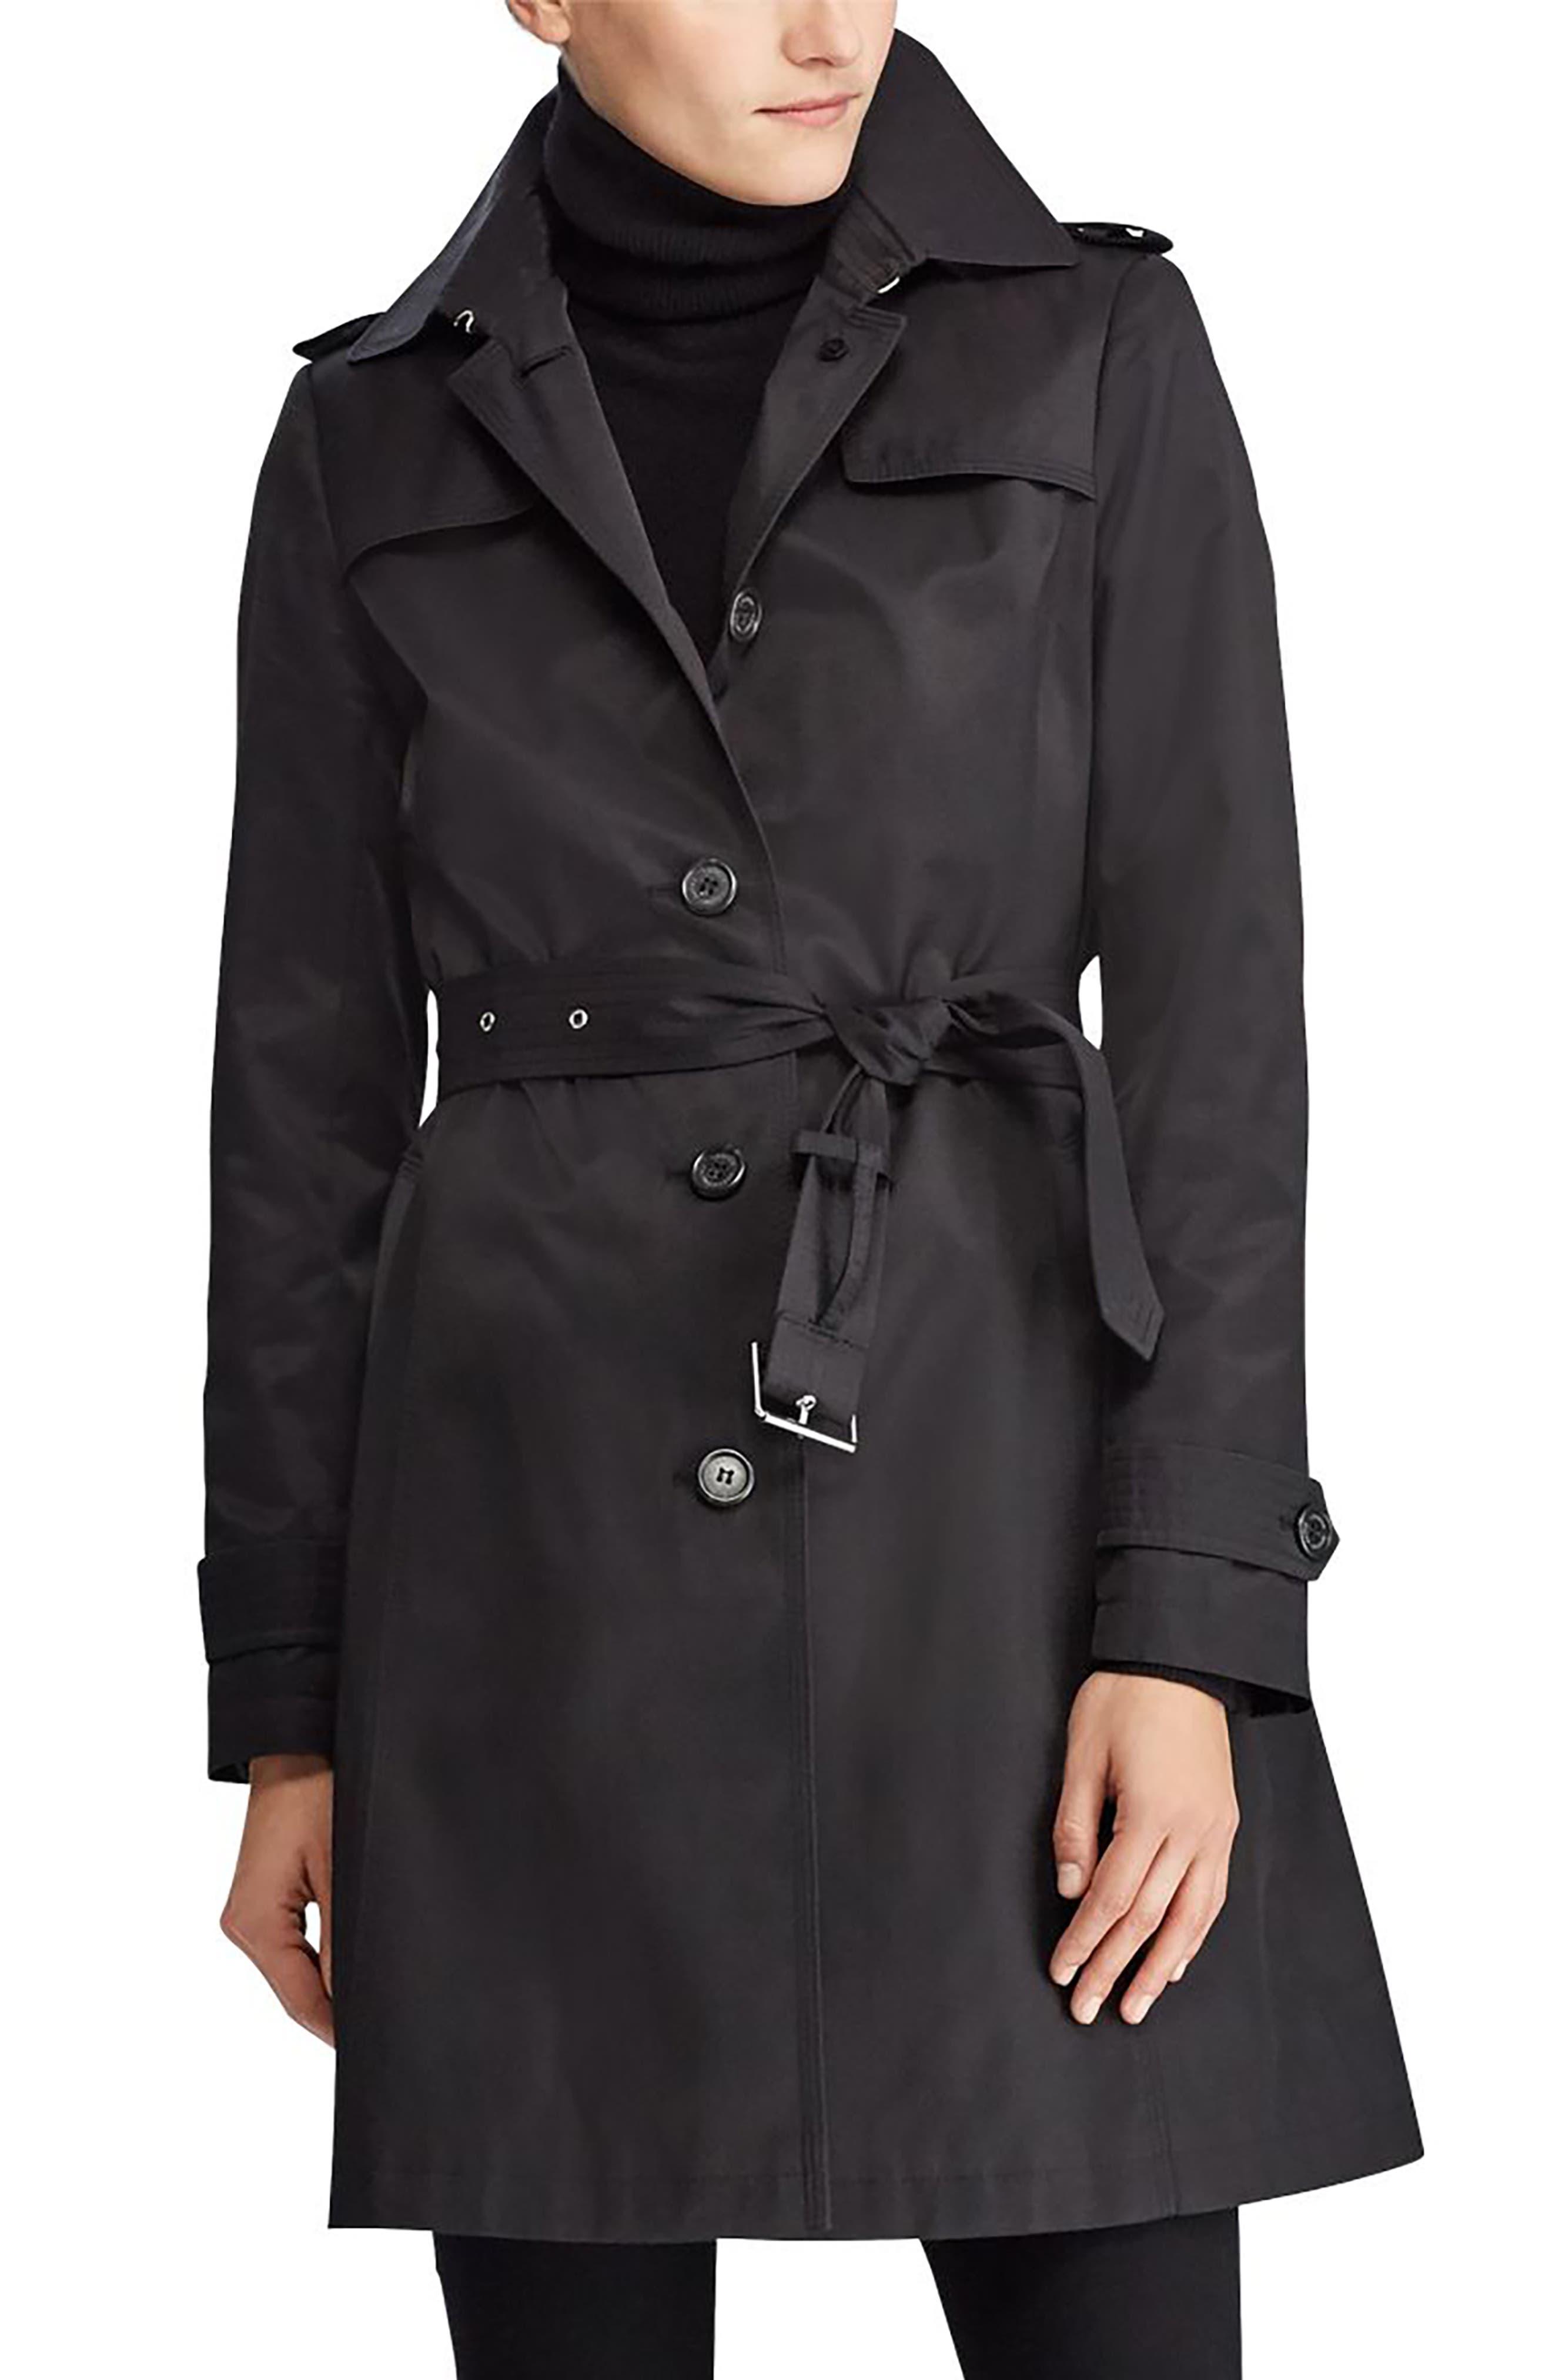 Main Image - Lauren Ralph Lauren Trench Coat (Petite)